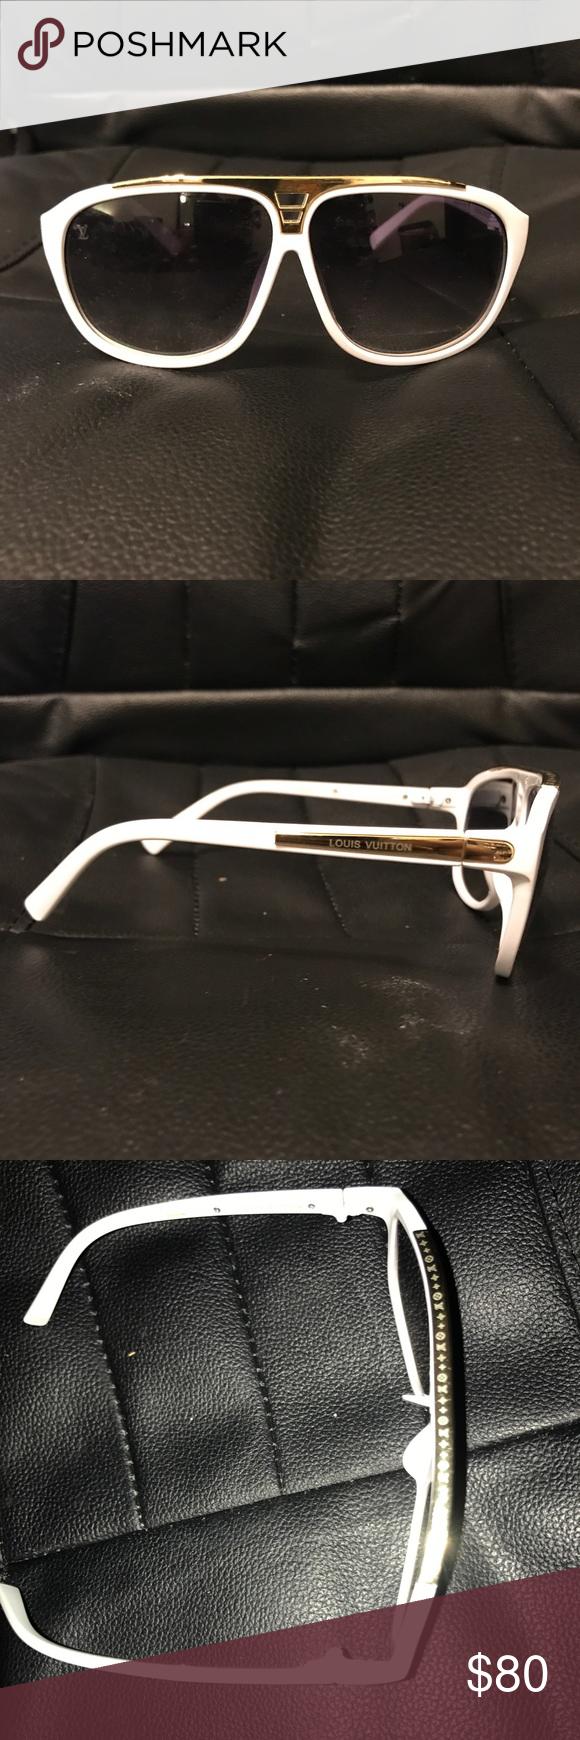 b5e8a6e0537e LV Sunglasses Men s White Evidence Louis Vuitton LV Sunglasses Men s White  Evidence Louis Vuitton Accessories Glasses